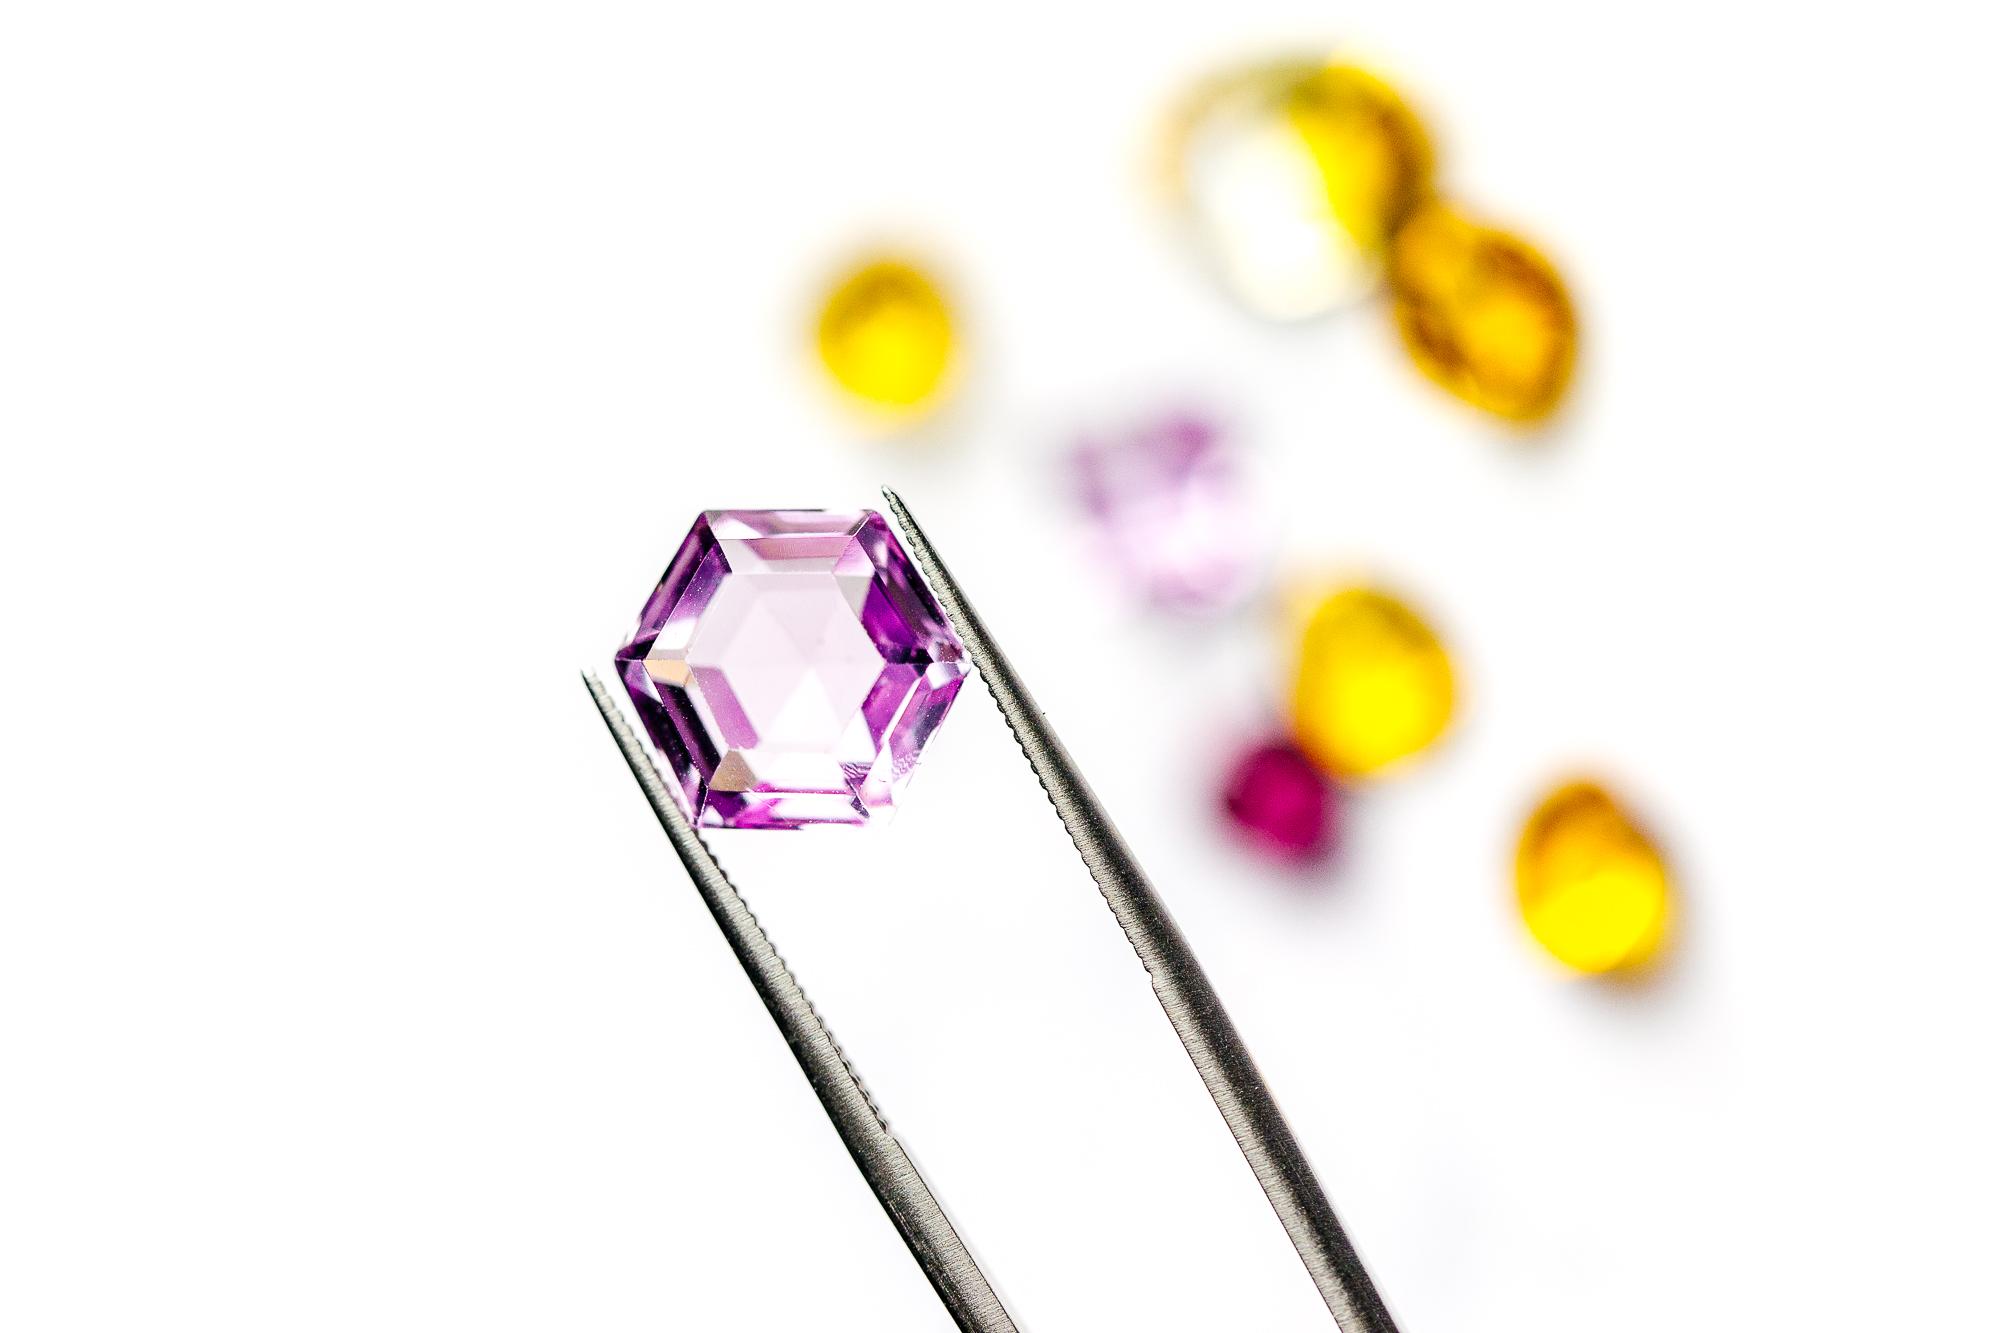 Conscious Stones… - Nasoha veille à garder la qualité vibratoire de chaque gemme, afin de porter sur soi, un joyaux unique et un message personnalisé. Nous vous guiderons dans l'achat de votre pierre et nous vous proposerons également des séries limitées de bijoux imaginés par Nasoha.